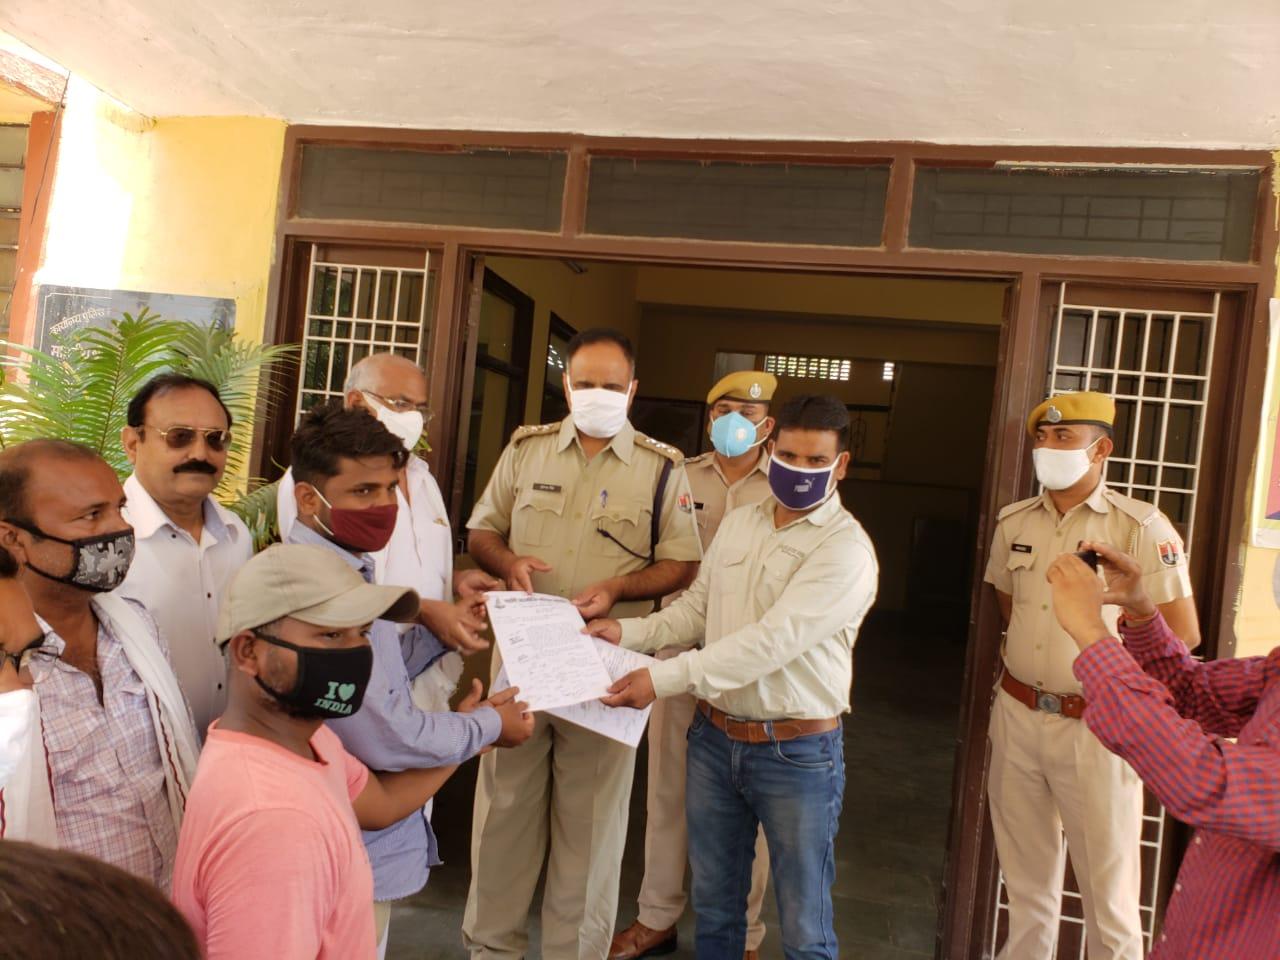 श्रीकरणपुर में पुलिस प्रशासन को ज्ञापन सौंपते नागरिक। - Dainik Bhaskar